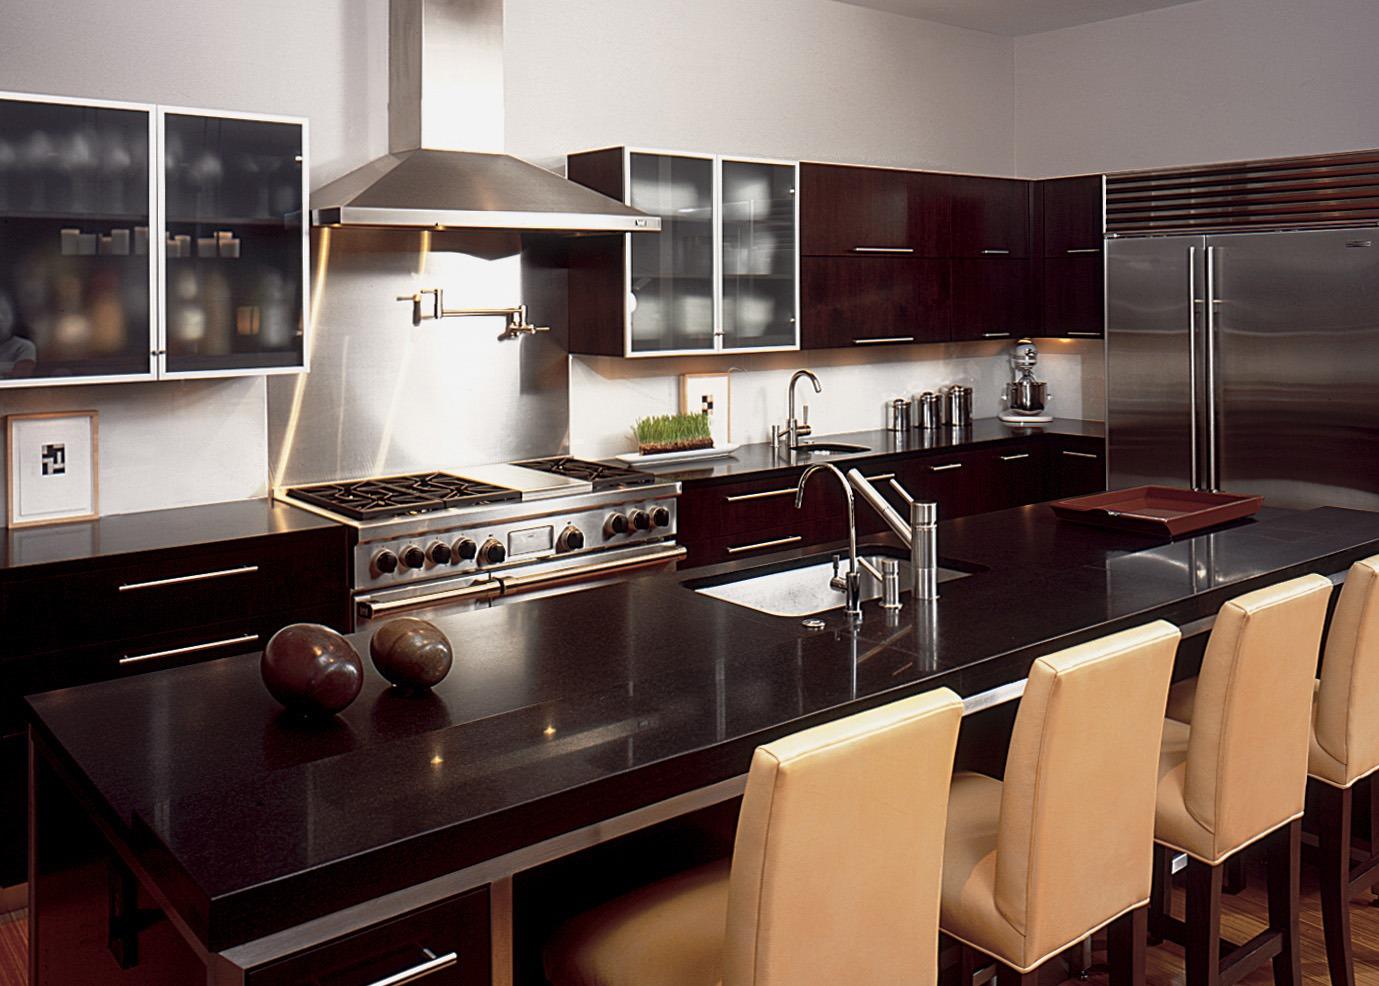 Dark Granite Countertop in Pair with Dark Kitchen Cabinet